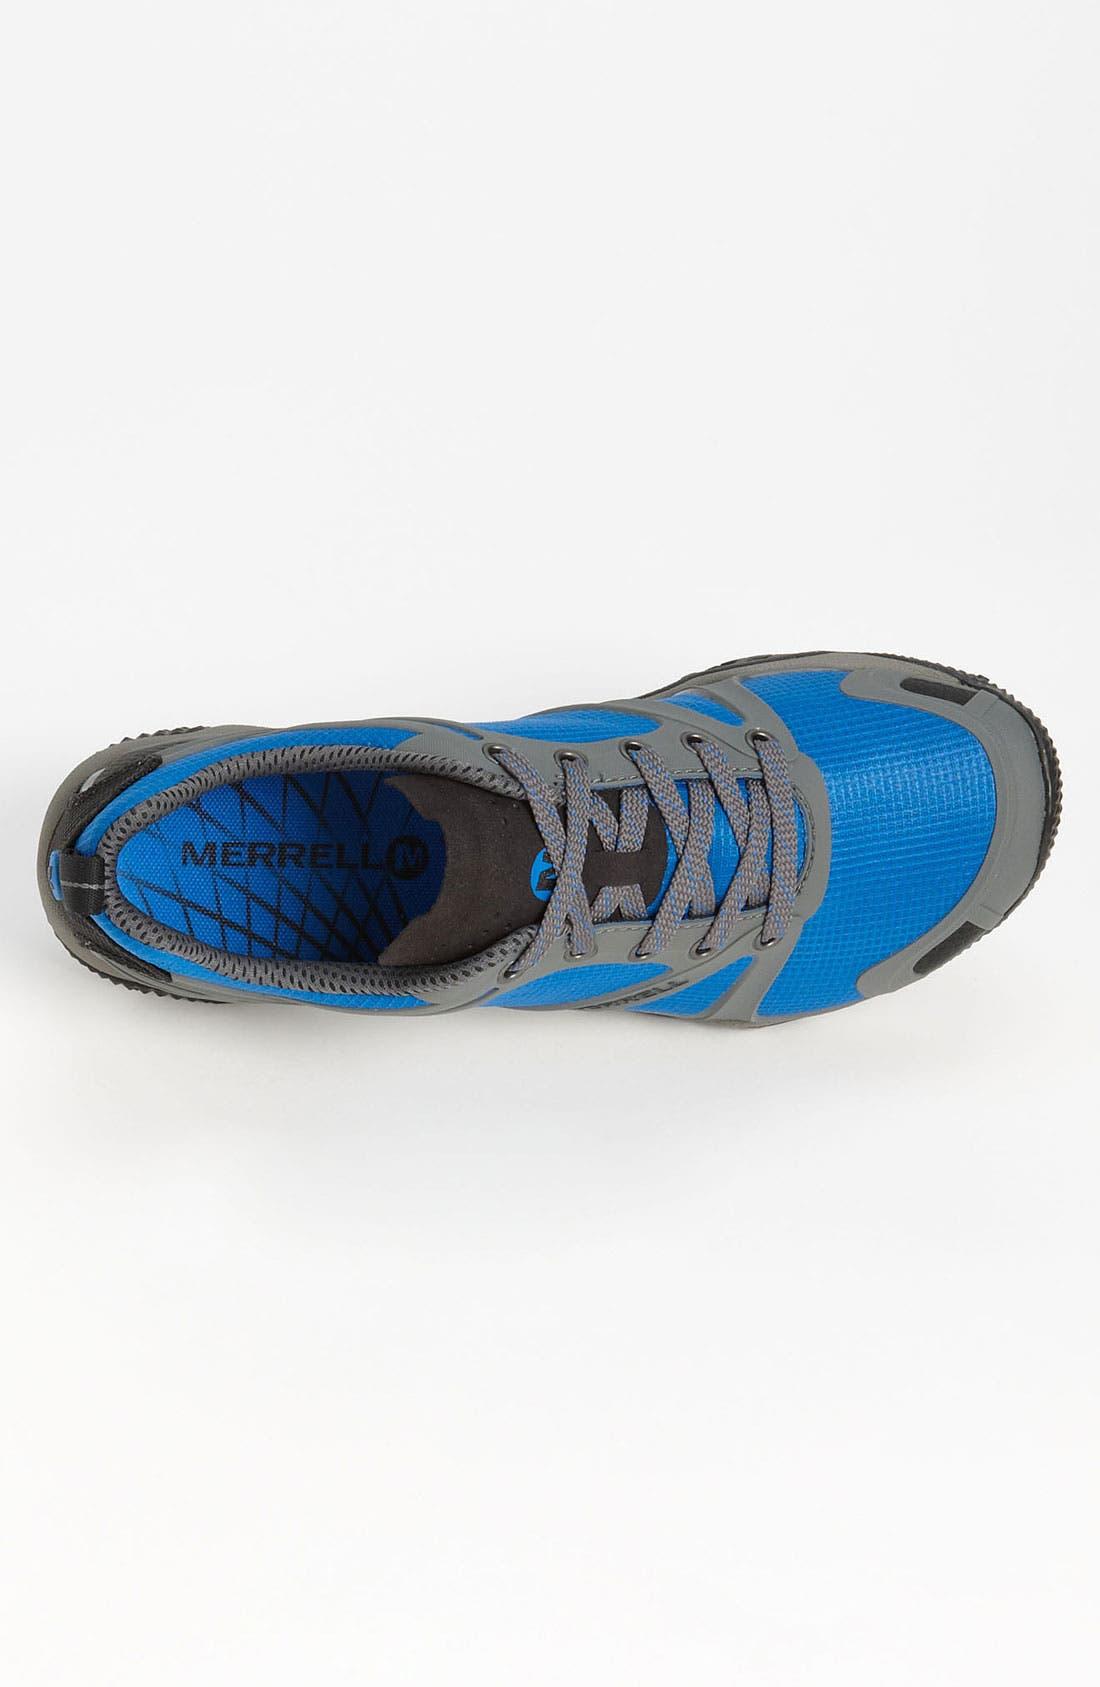 Alternate Image 3  - Merrell 'Proterra' Hiking Shoe (Men)